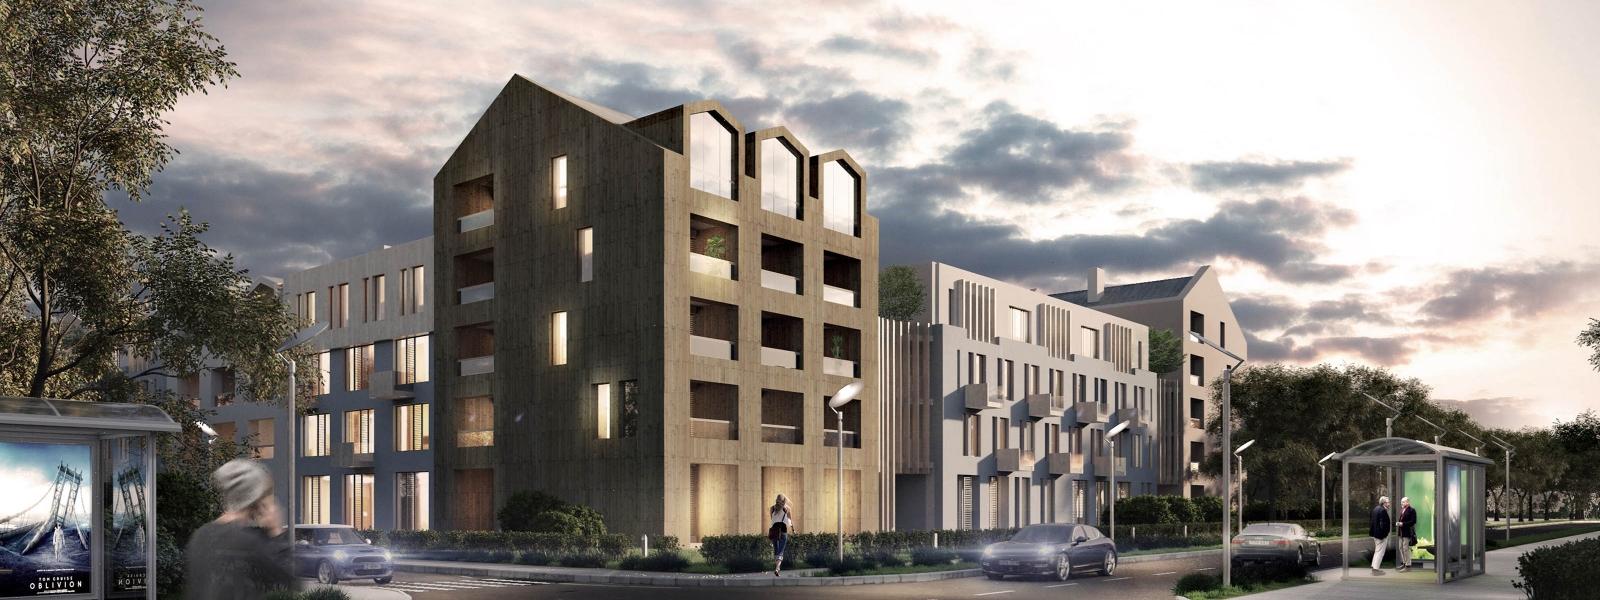 work-Архитектурно-градостроительная концепция комплексного развития территории 227 га в Звенигороде